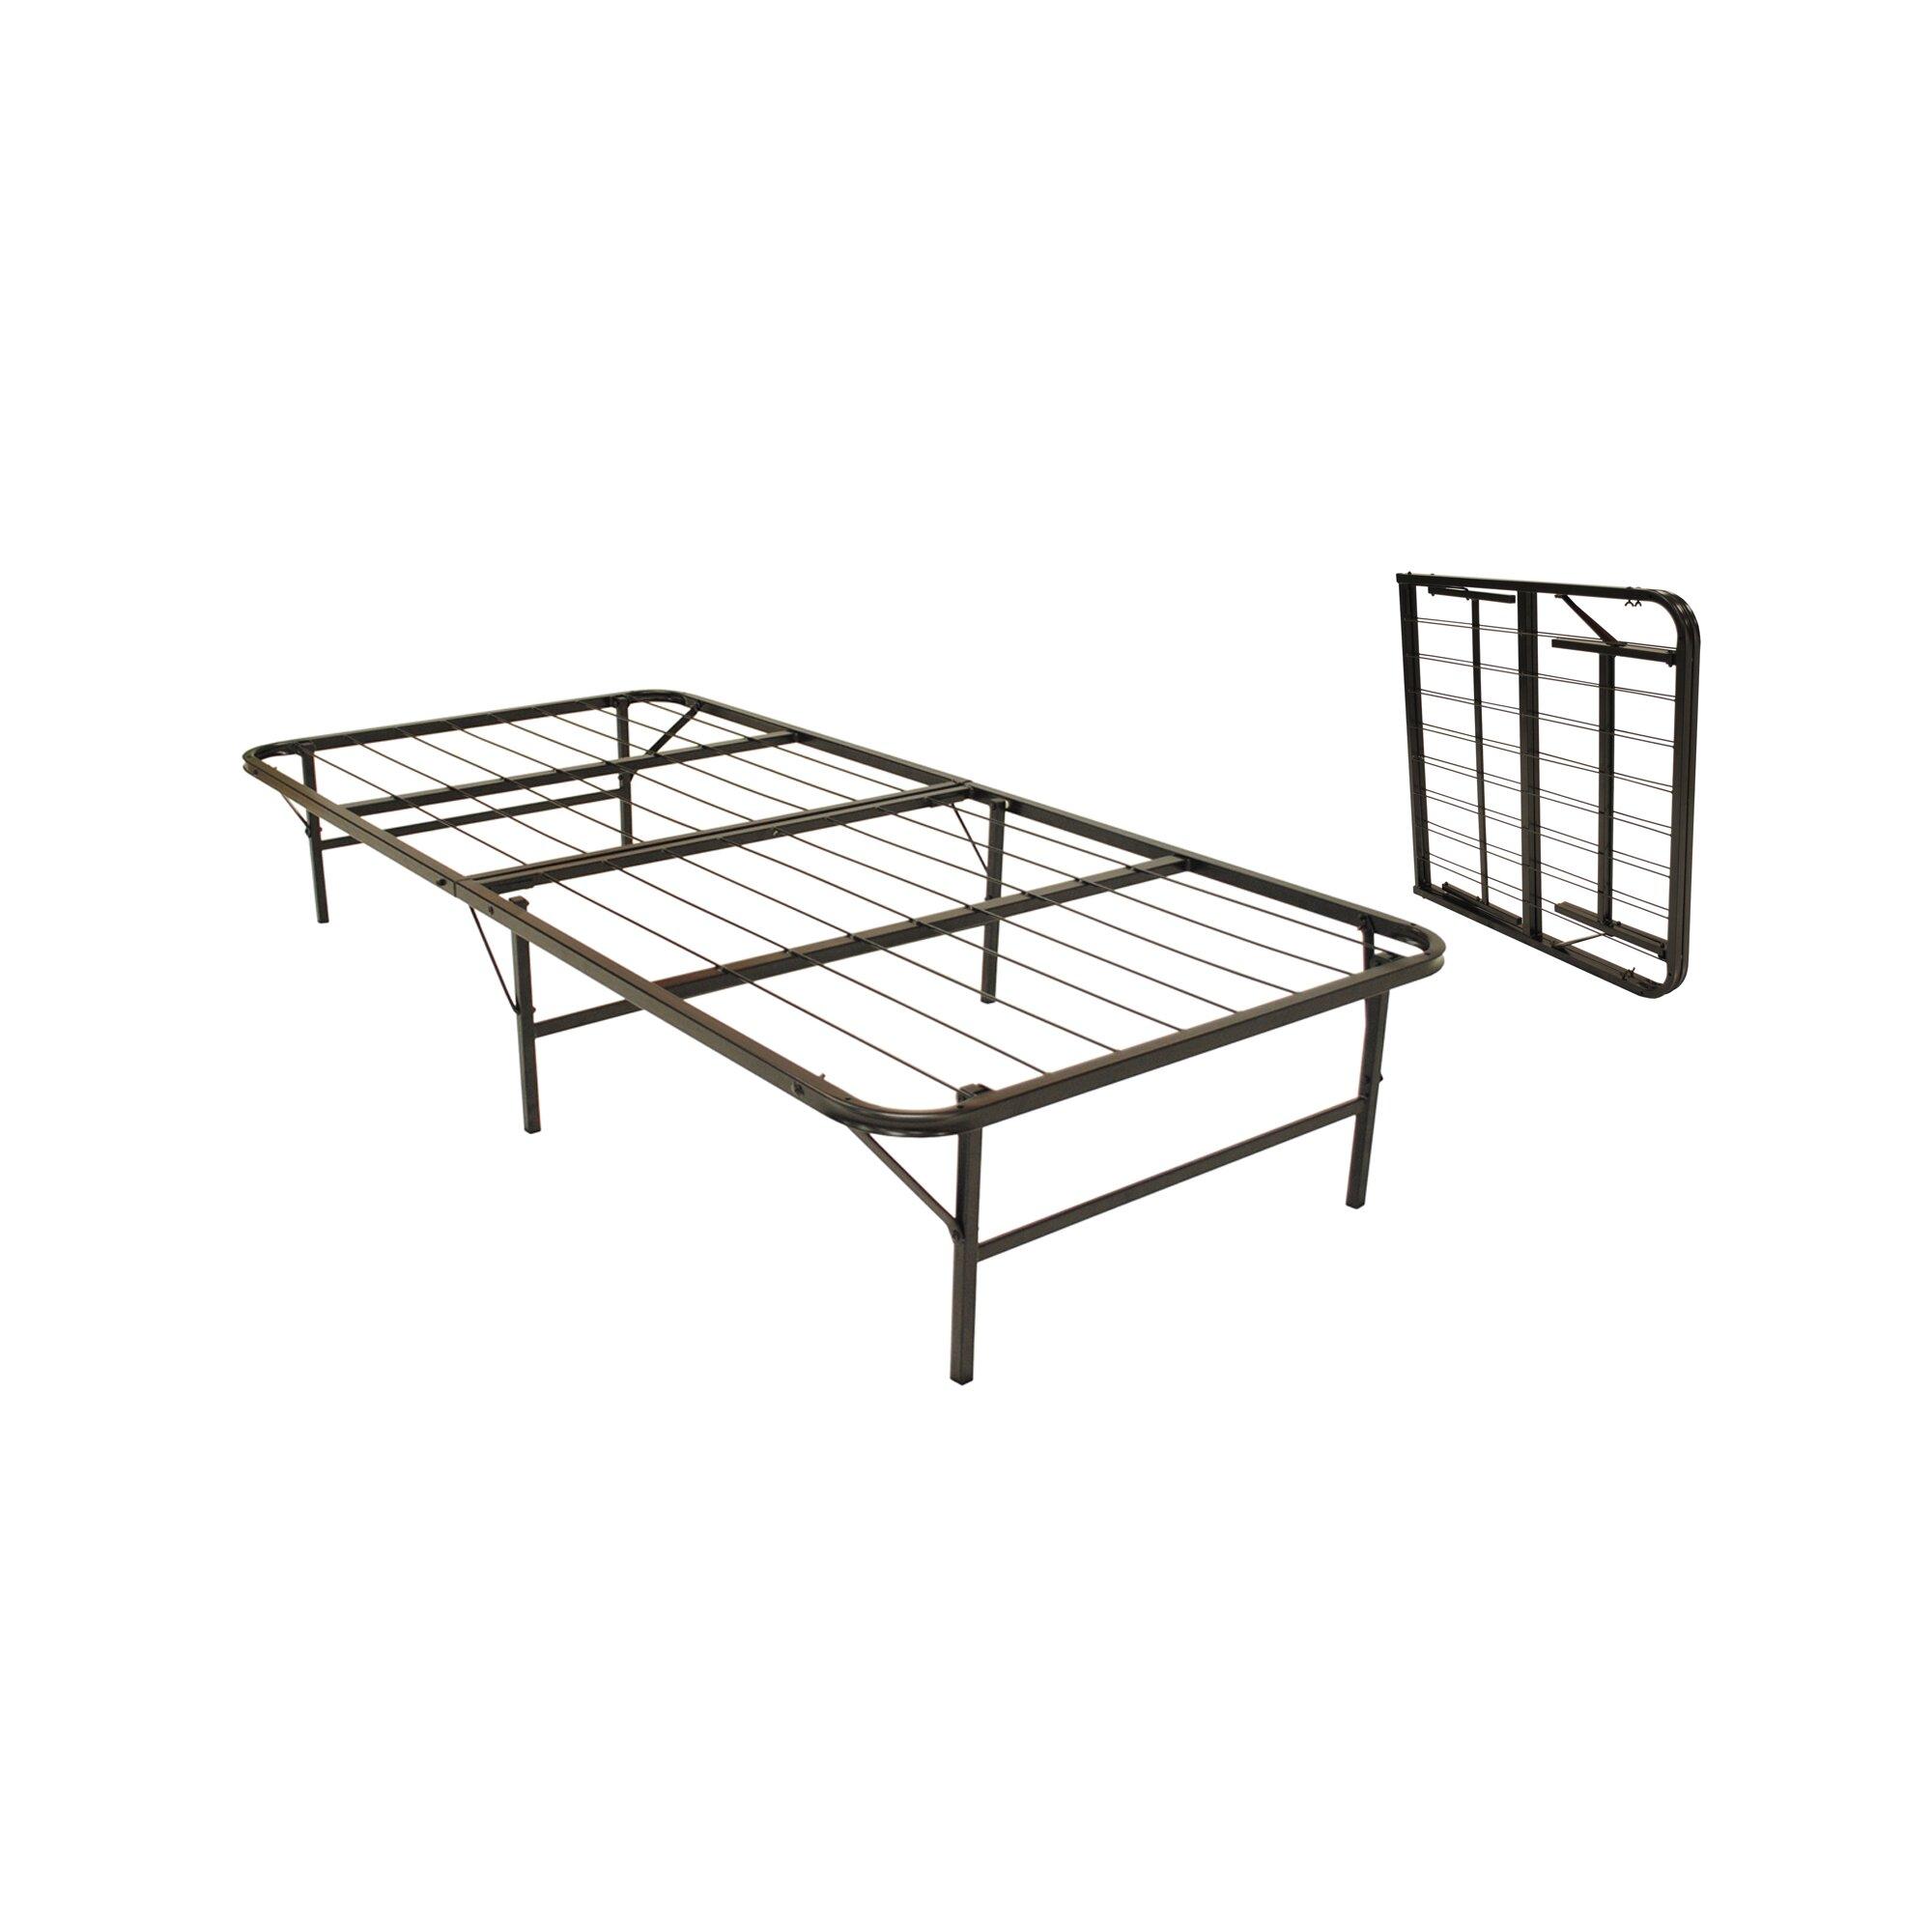 Pragma Folding Bed Reviews